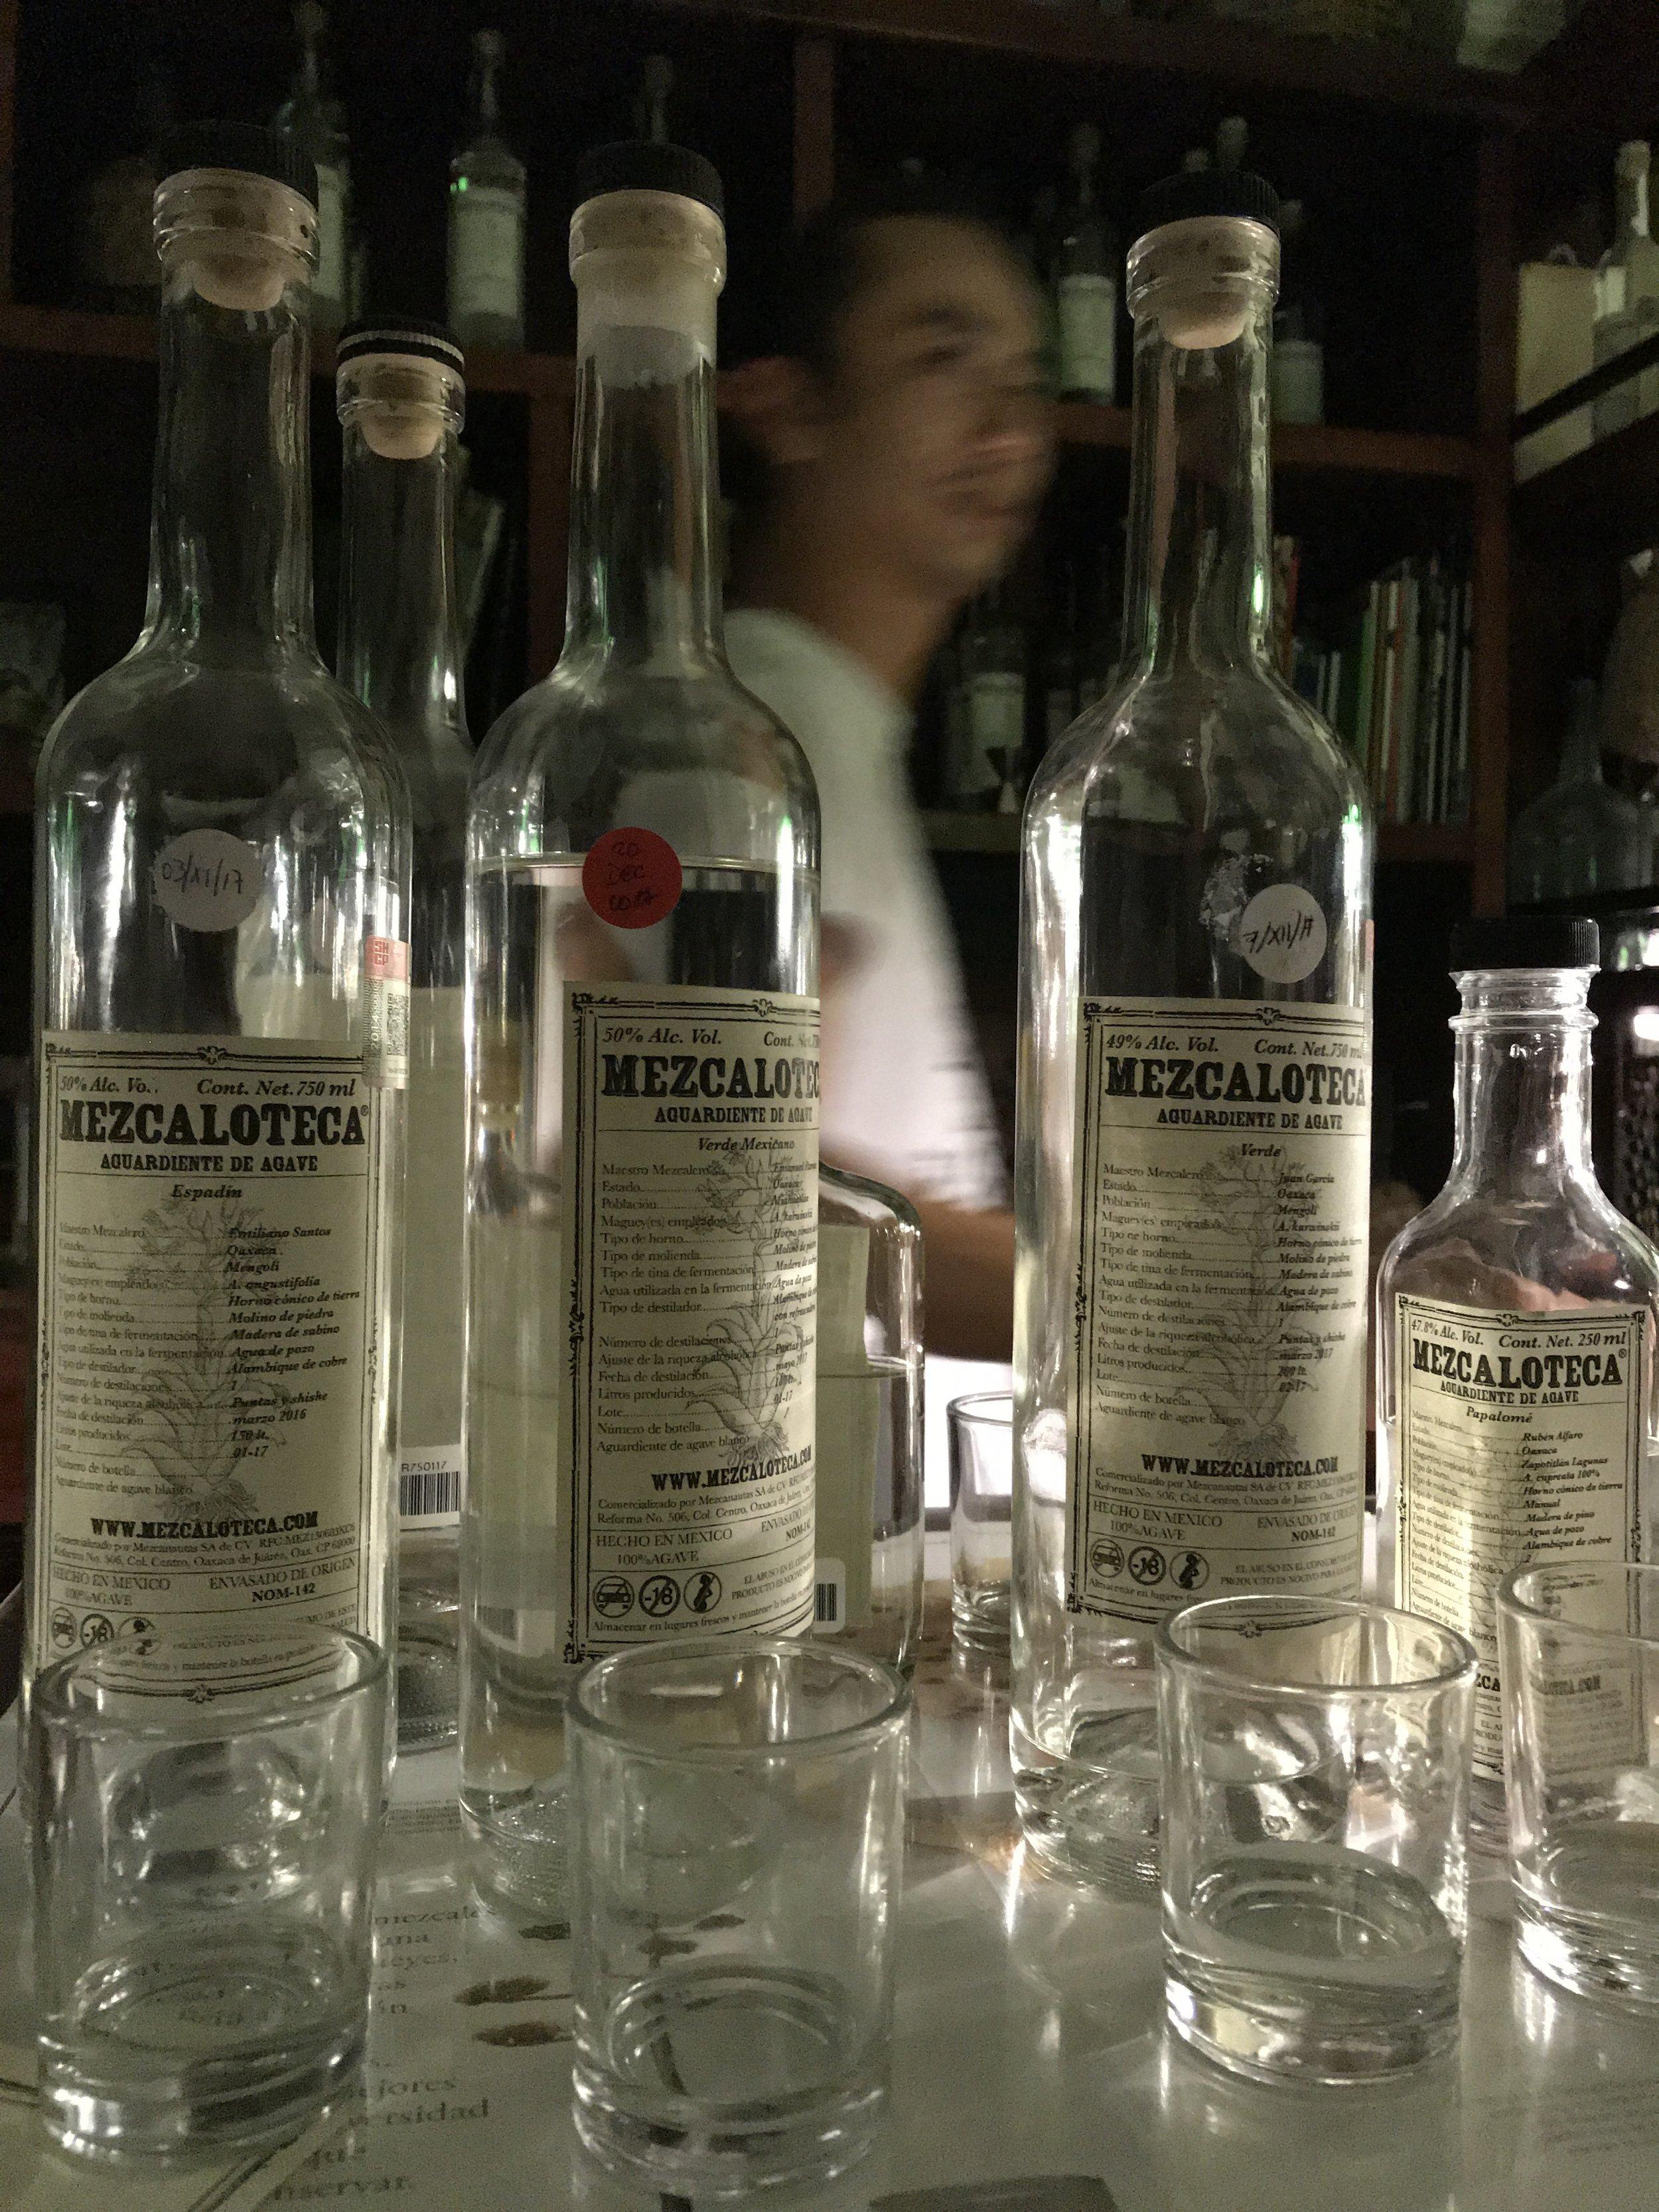 It's all business at La Mezcaloteca.